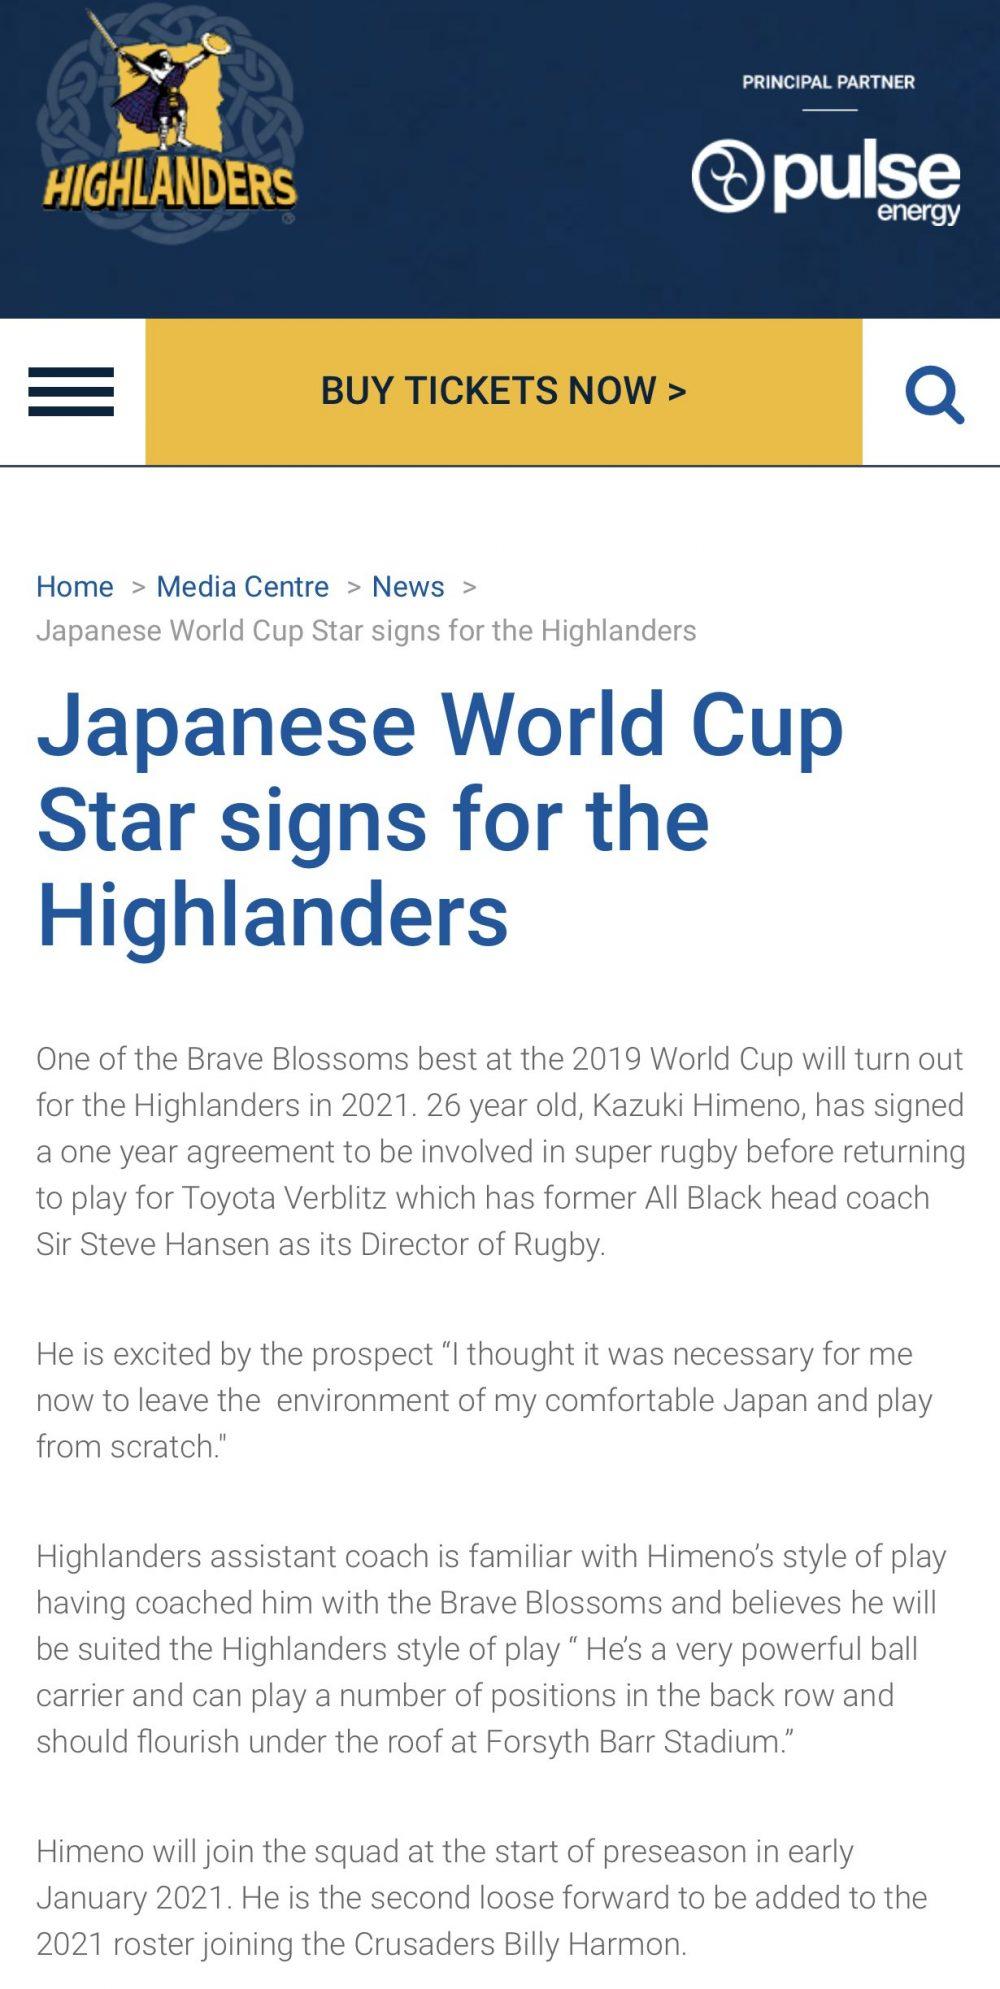 姫野和樹選手ハイランダーズ加入のニュースHighlanders公式サイト